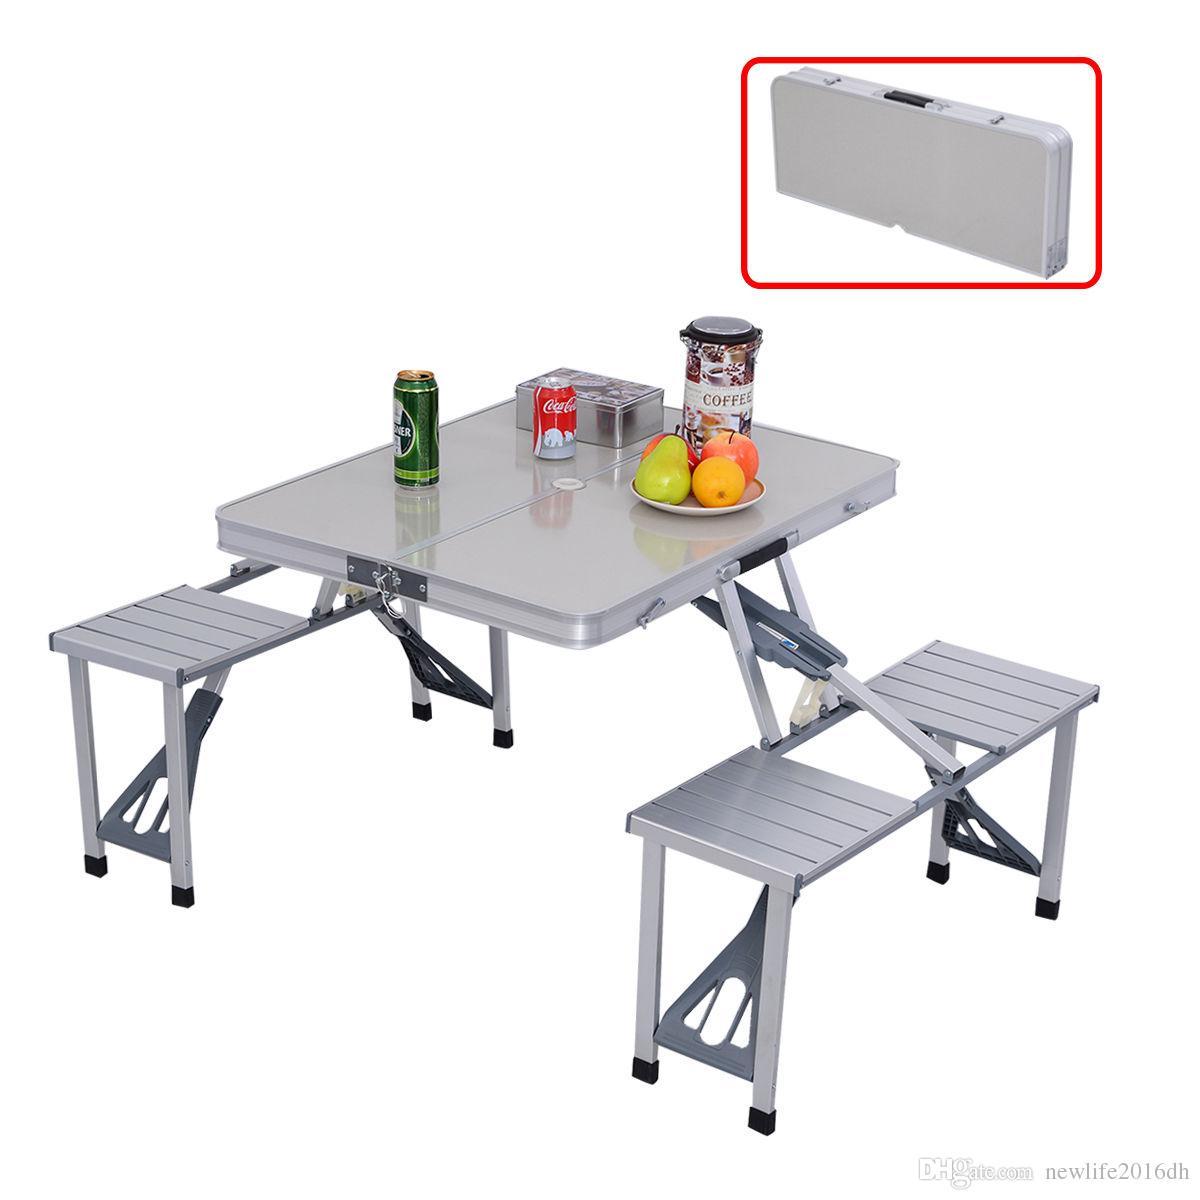 Tavolo Da Campeggio Richiudibile.Acquista Tavolo Da Picnic Da Campeggio Pieghevole In Alluminio Da